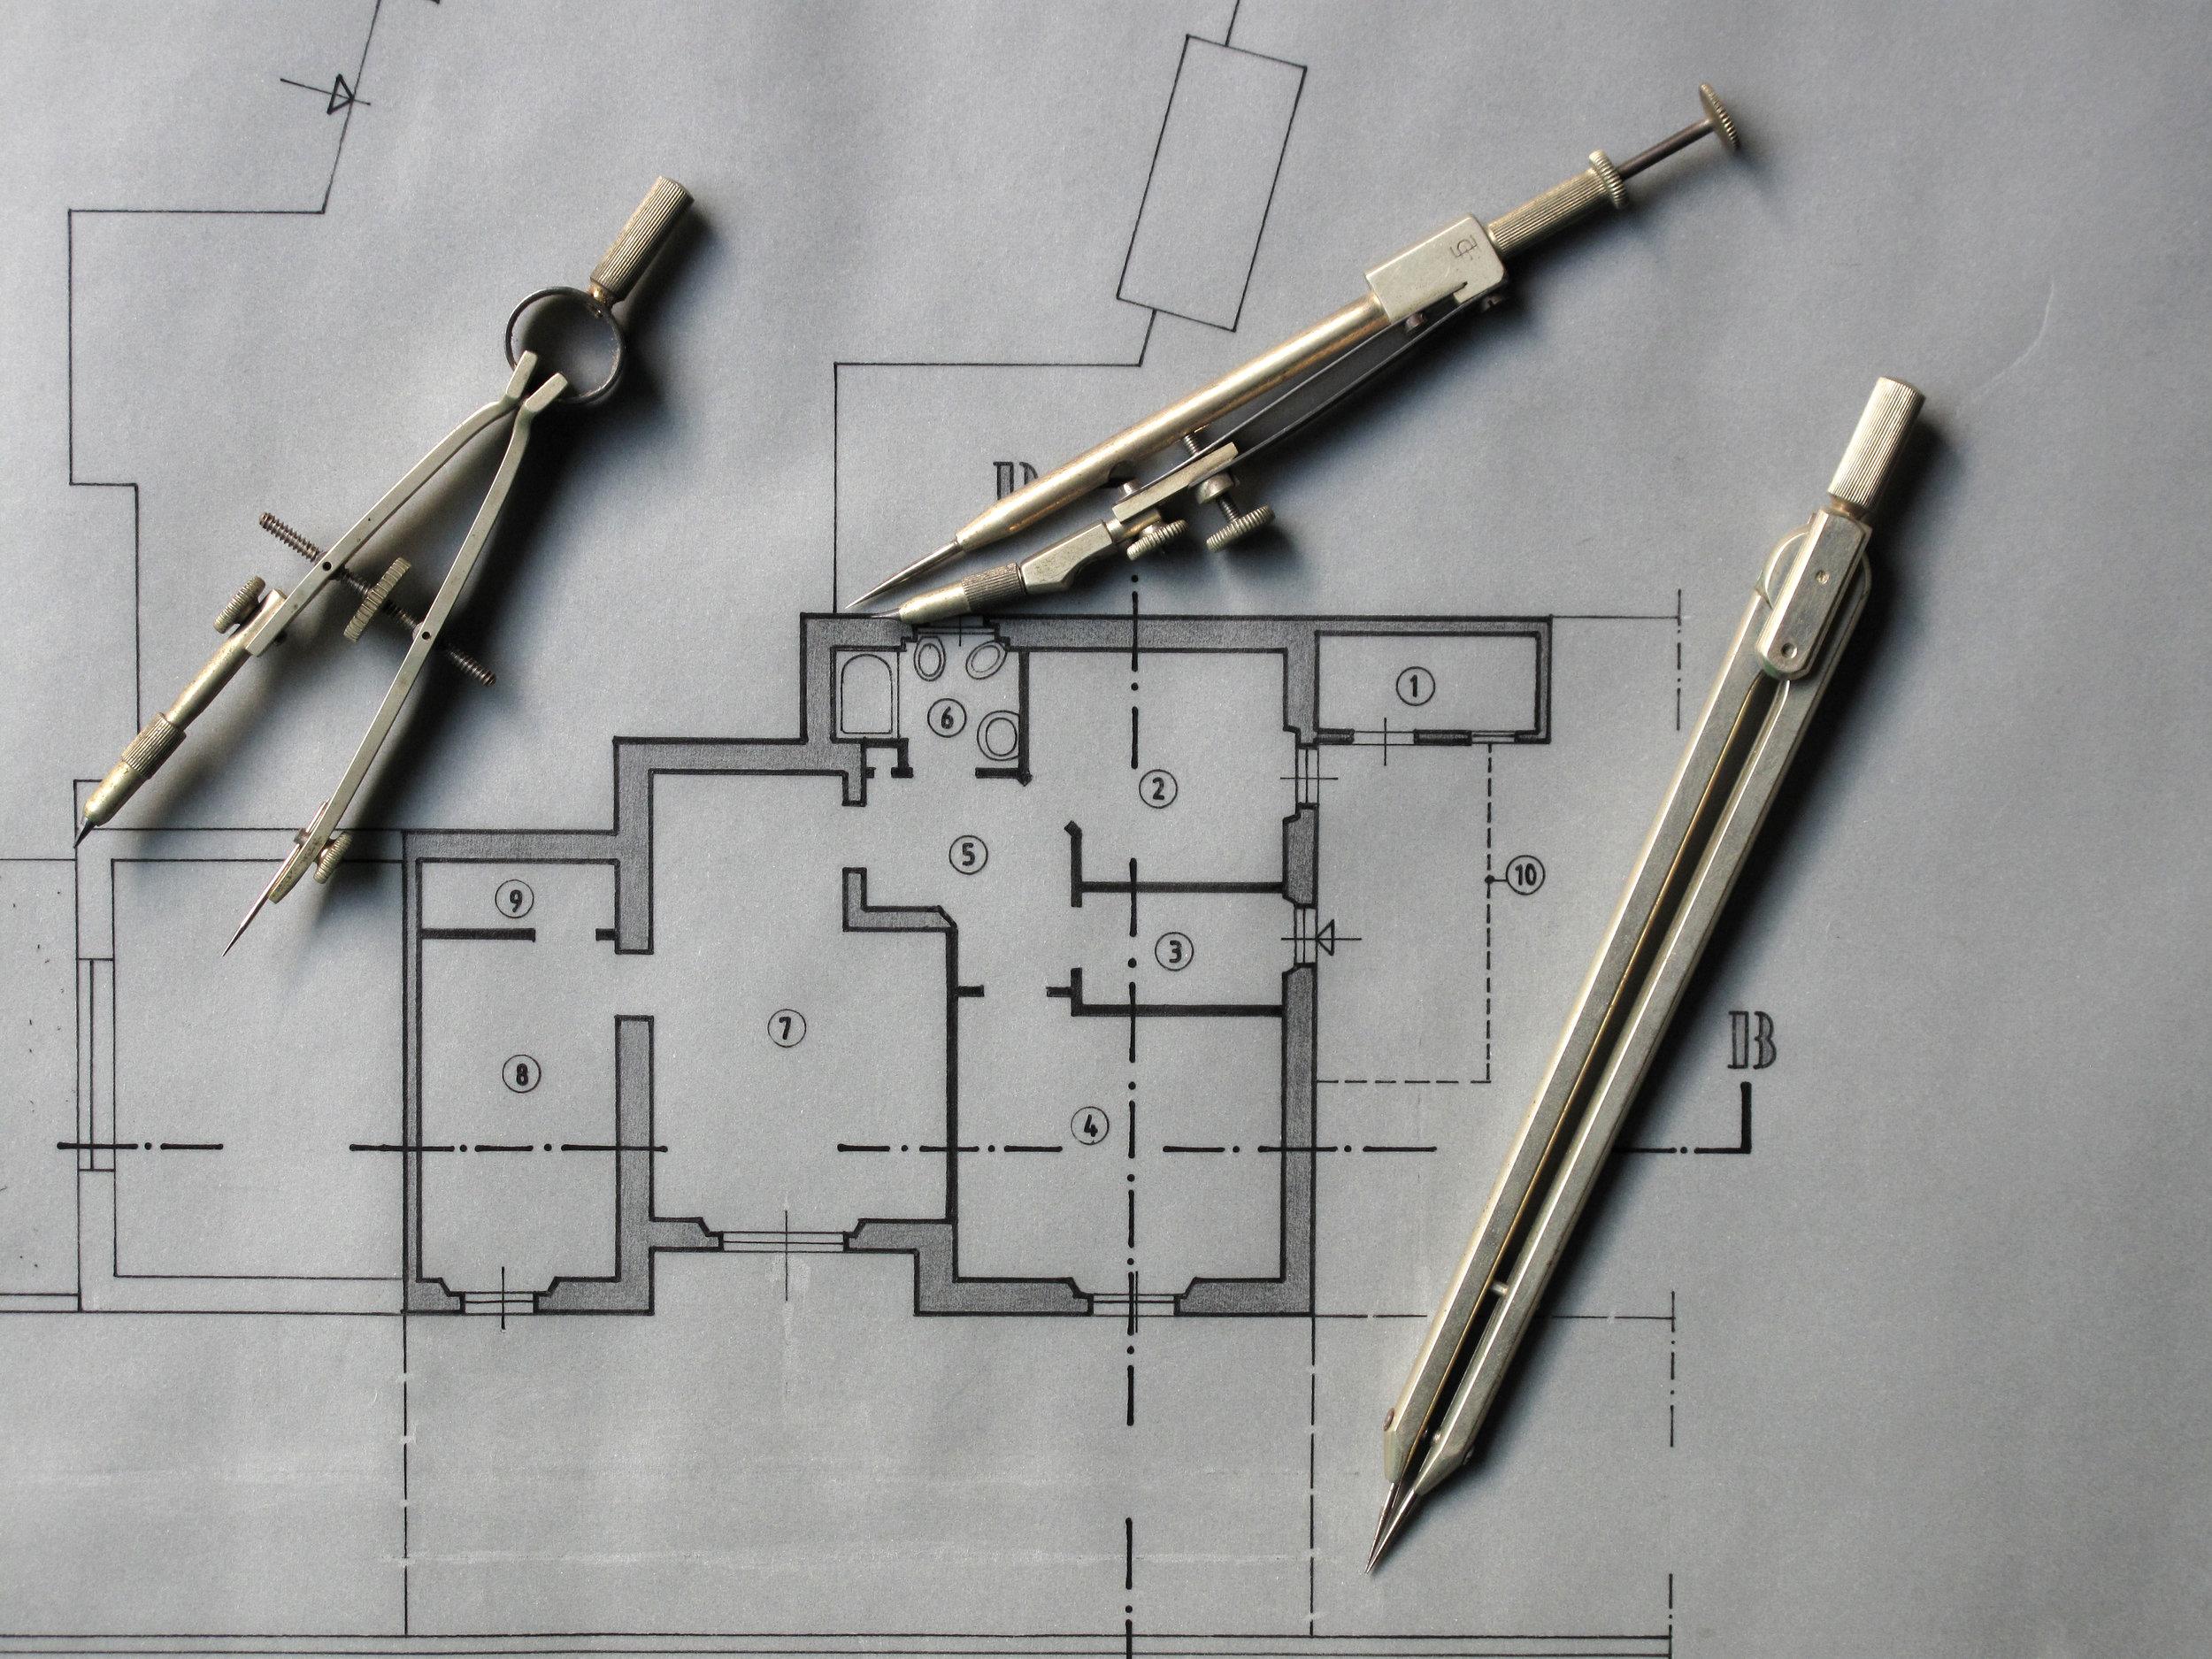 Avvocato_Societa_Commercialista_Athena_diritto_immobiliare_002.jpg